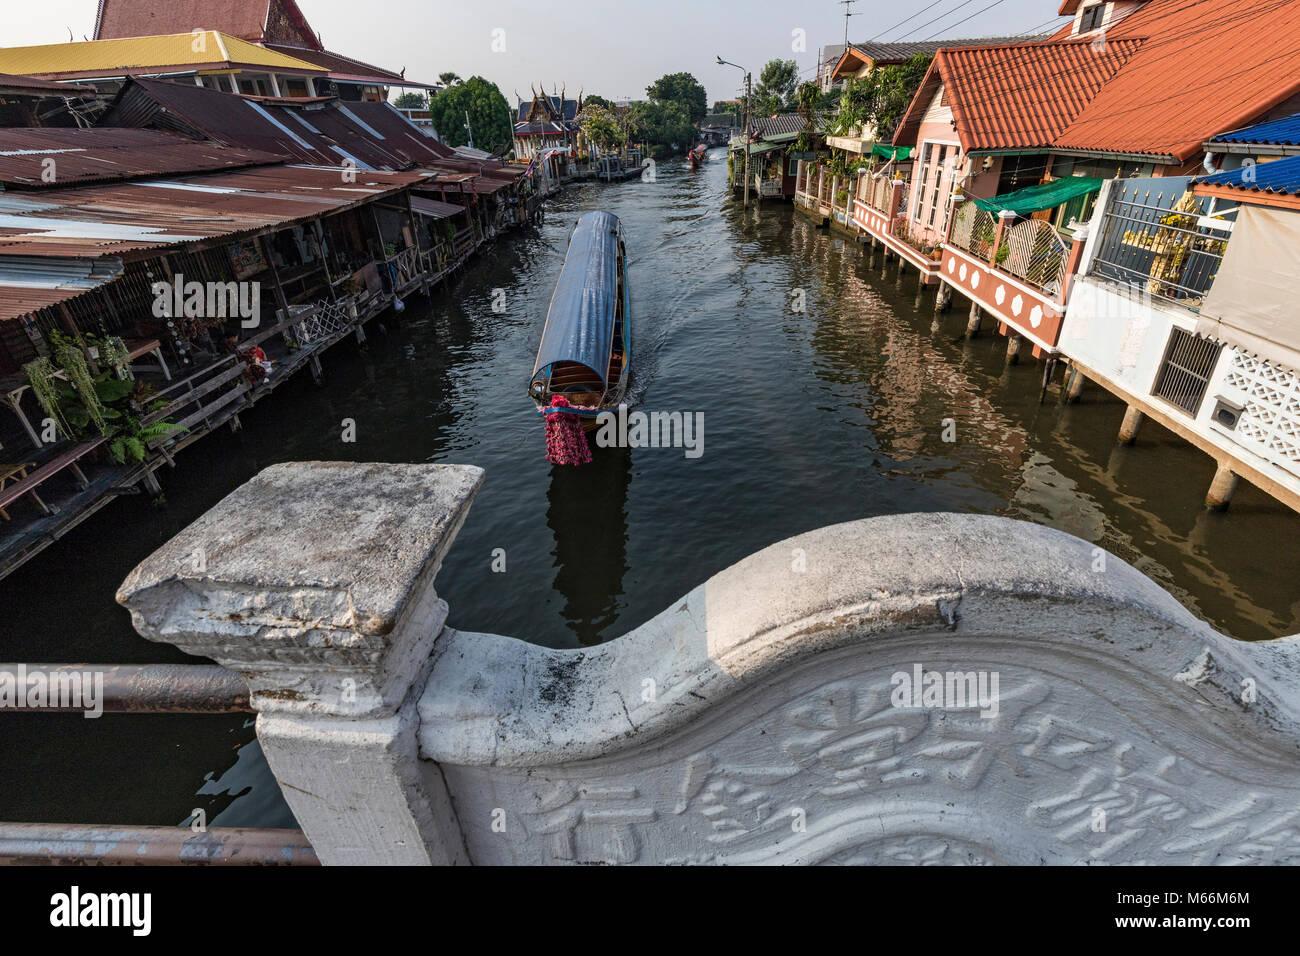 Bangkok Khlongs und Kanäle - khlong auch häufig buchstabiert Klong ist das Thailändische Wort für Stockbild